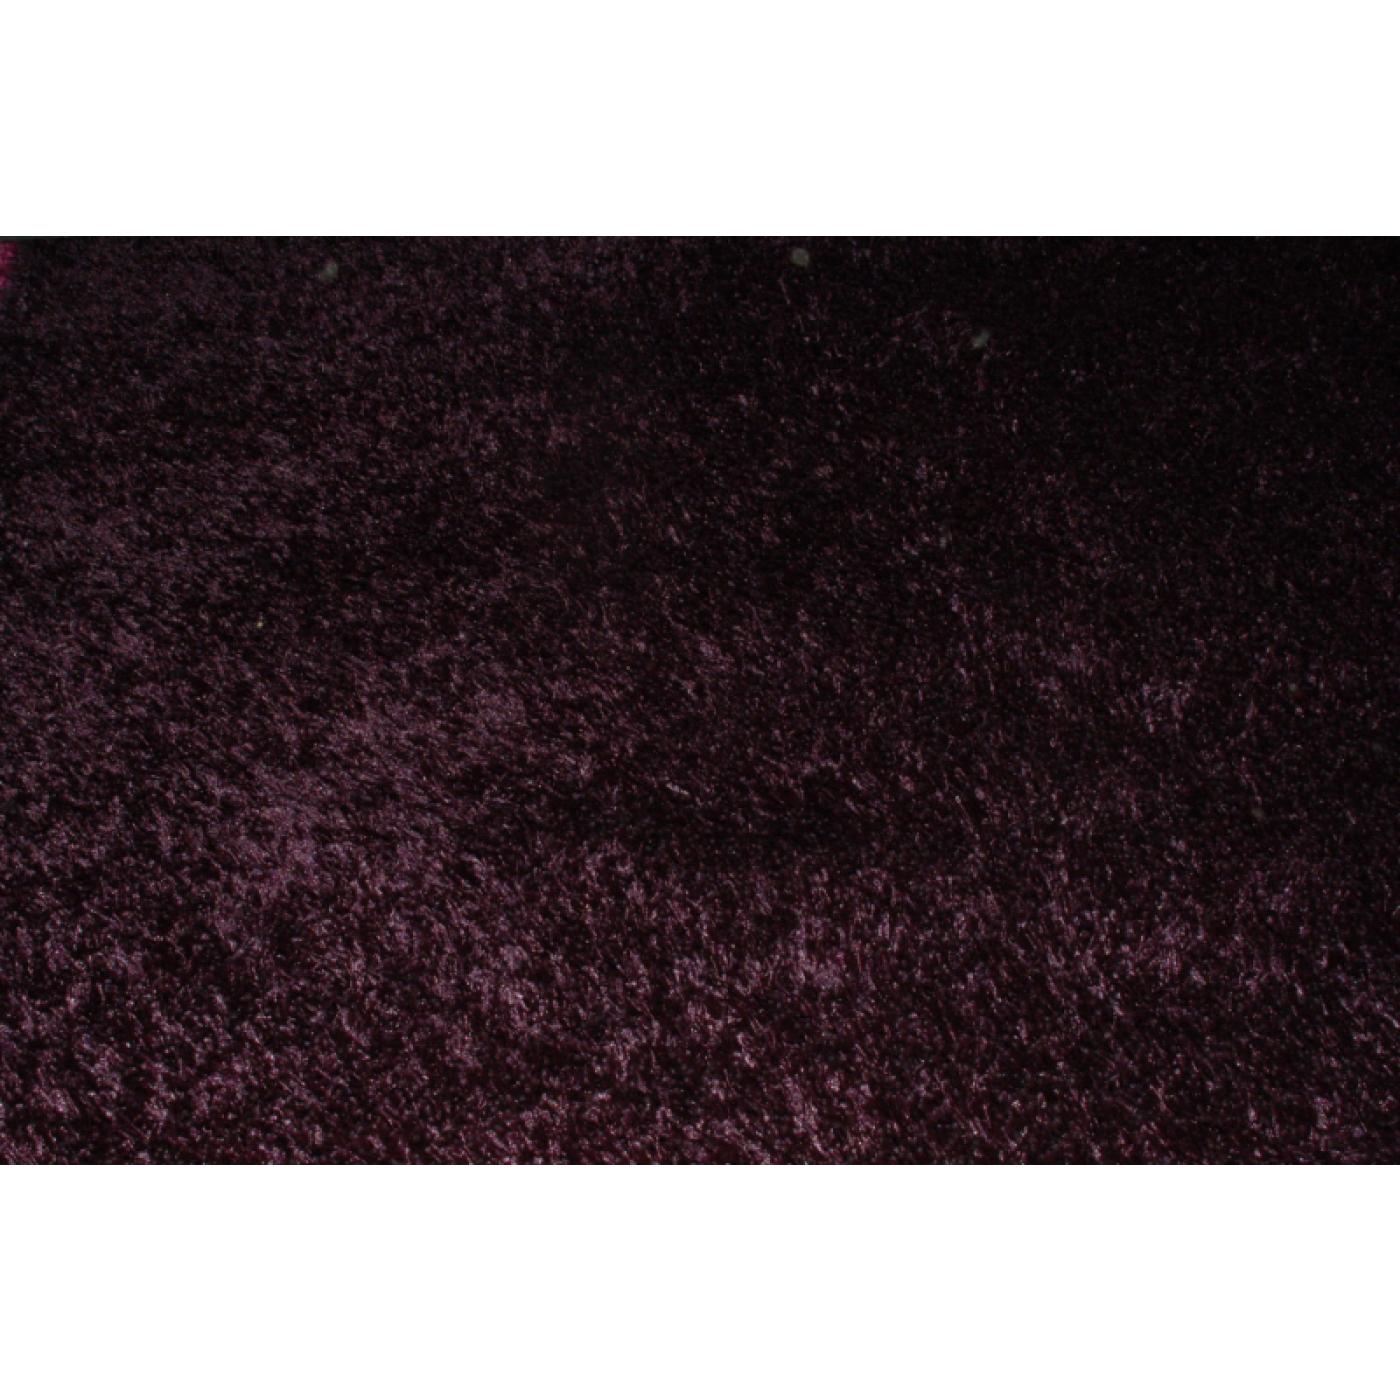 Vloerkleed maat 170 x 230 Karpet 7